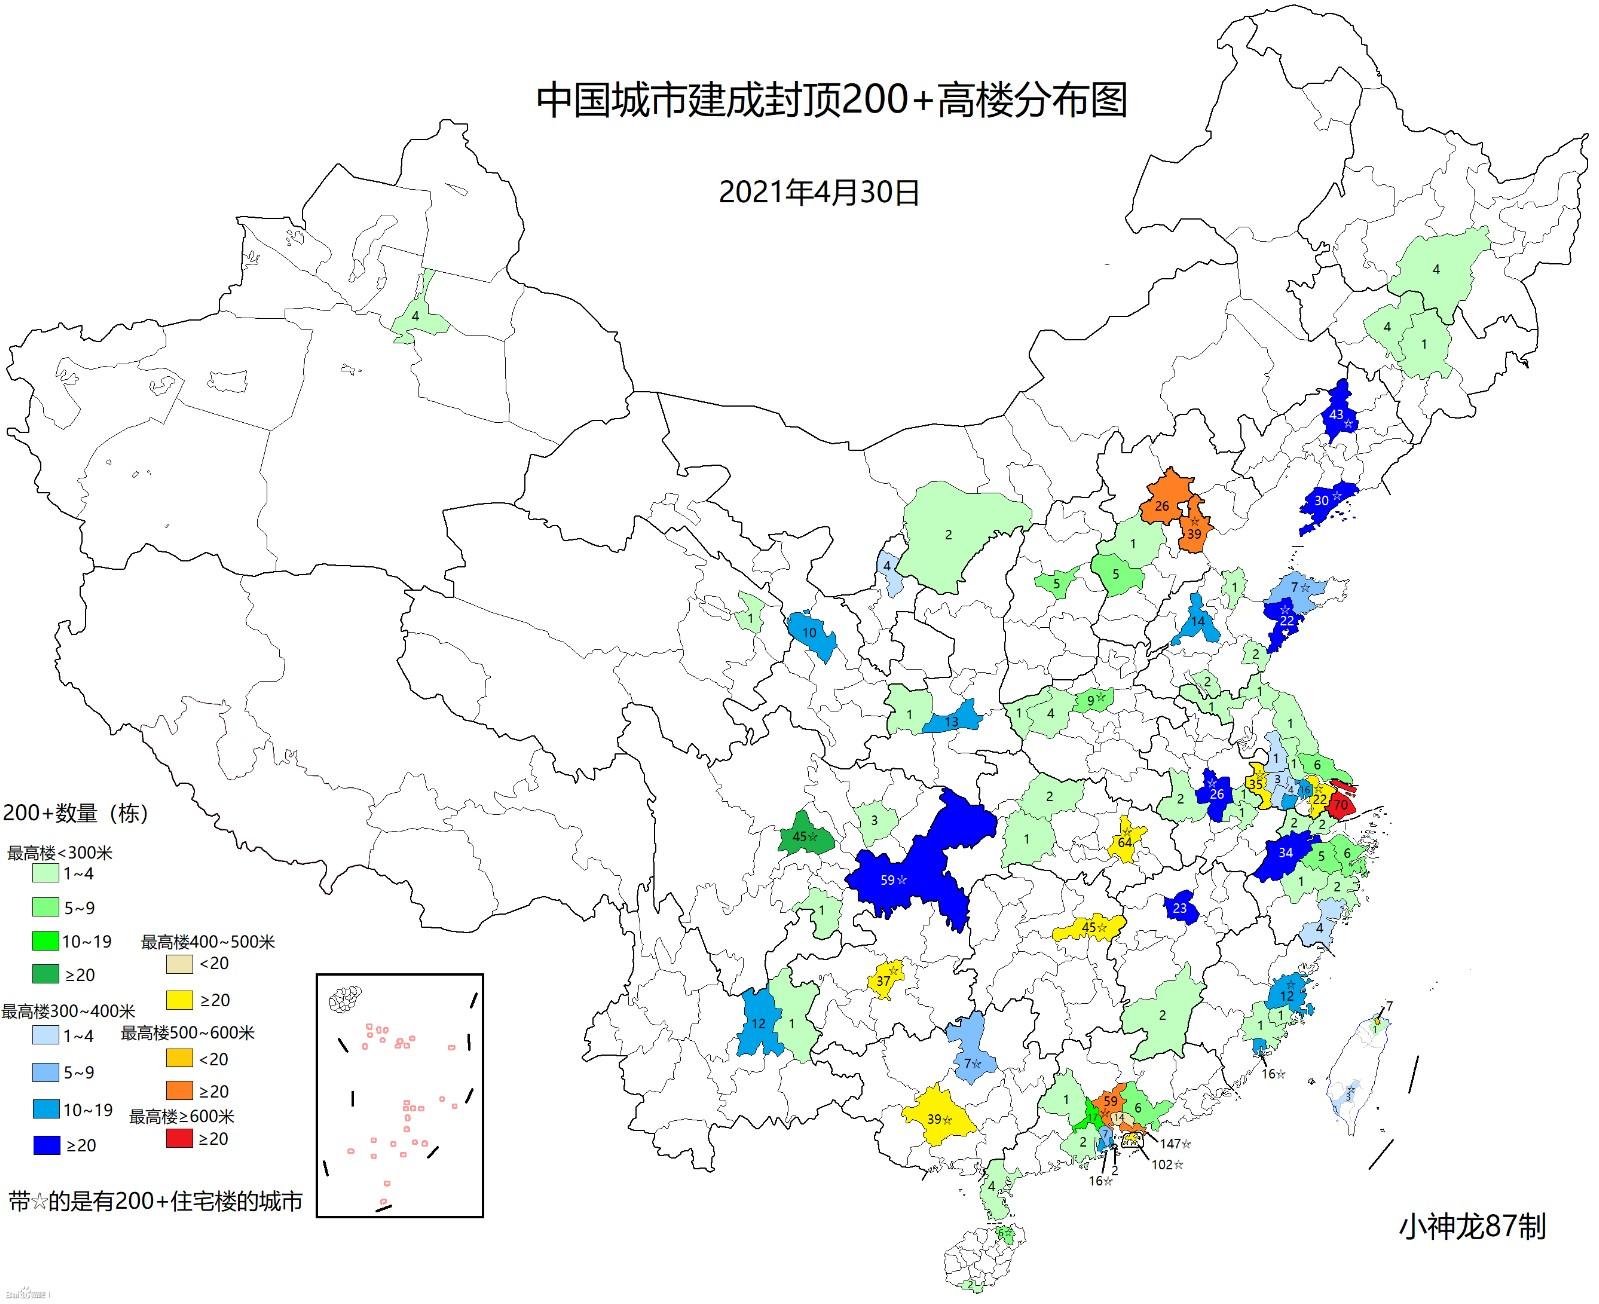 中国城市建成封顶200+高楼分布-2021.04.30